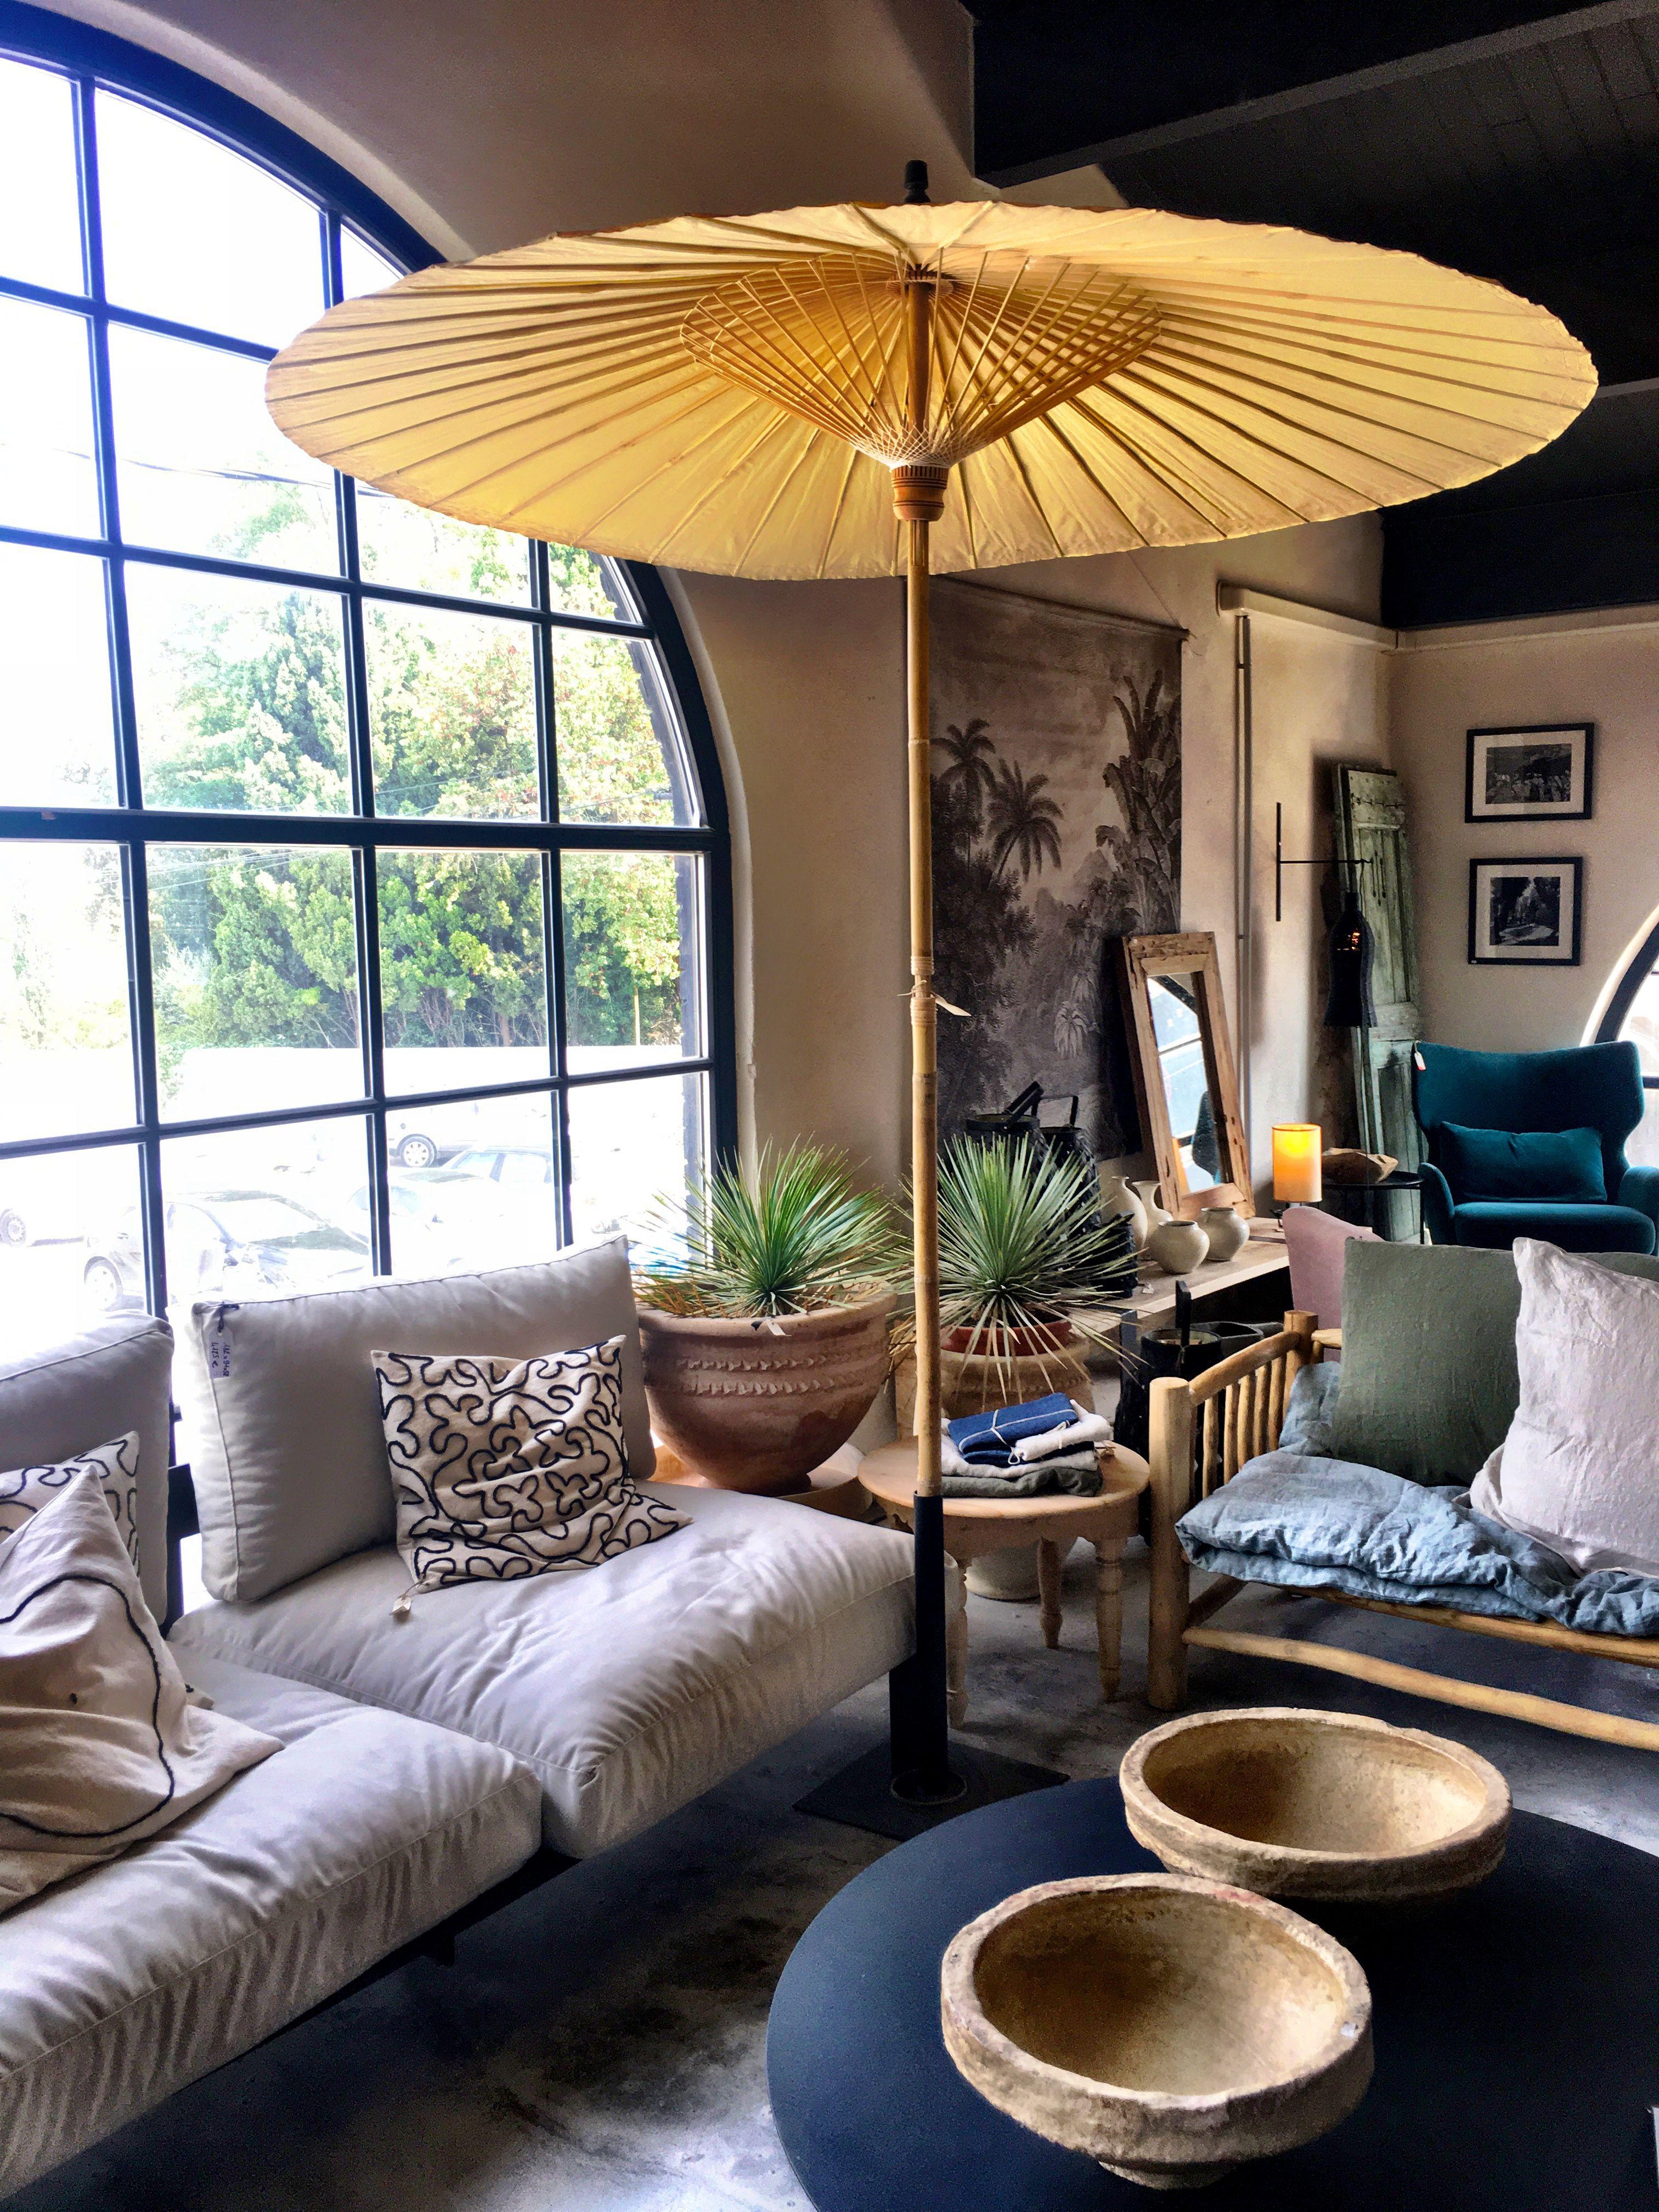 On prolonge l'été 😎☀️☀️ avec une #terrasse en #intérieur 👍 uniquement si on a des #hauts #plafonds 😁 #ombrelle #parasol #jardindhiver #été #bienchezsoi #deco #décoration #design #lin #coussin #bois #noscahiersdecoautourdumonde